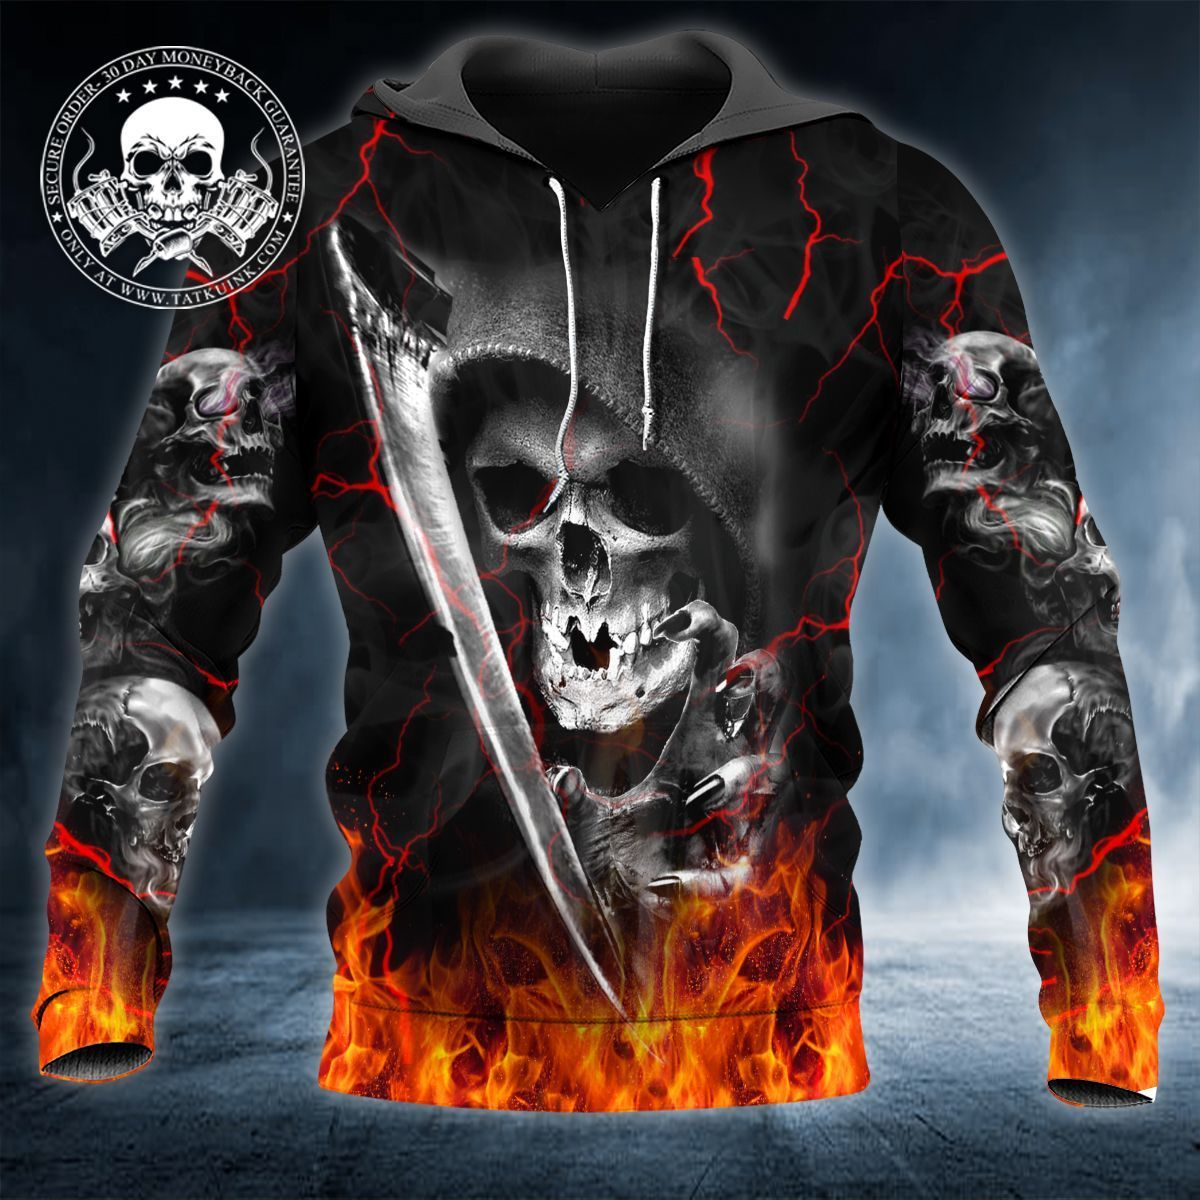 Death Fire Bottom Skull 3D Tees & Hoodies - 3D HOODIE / XXL